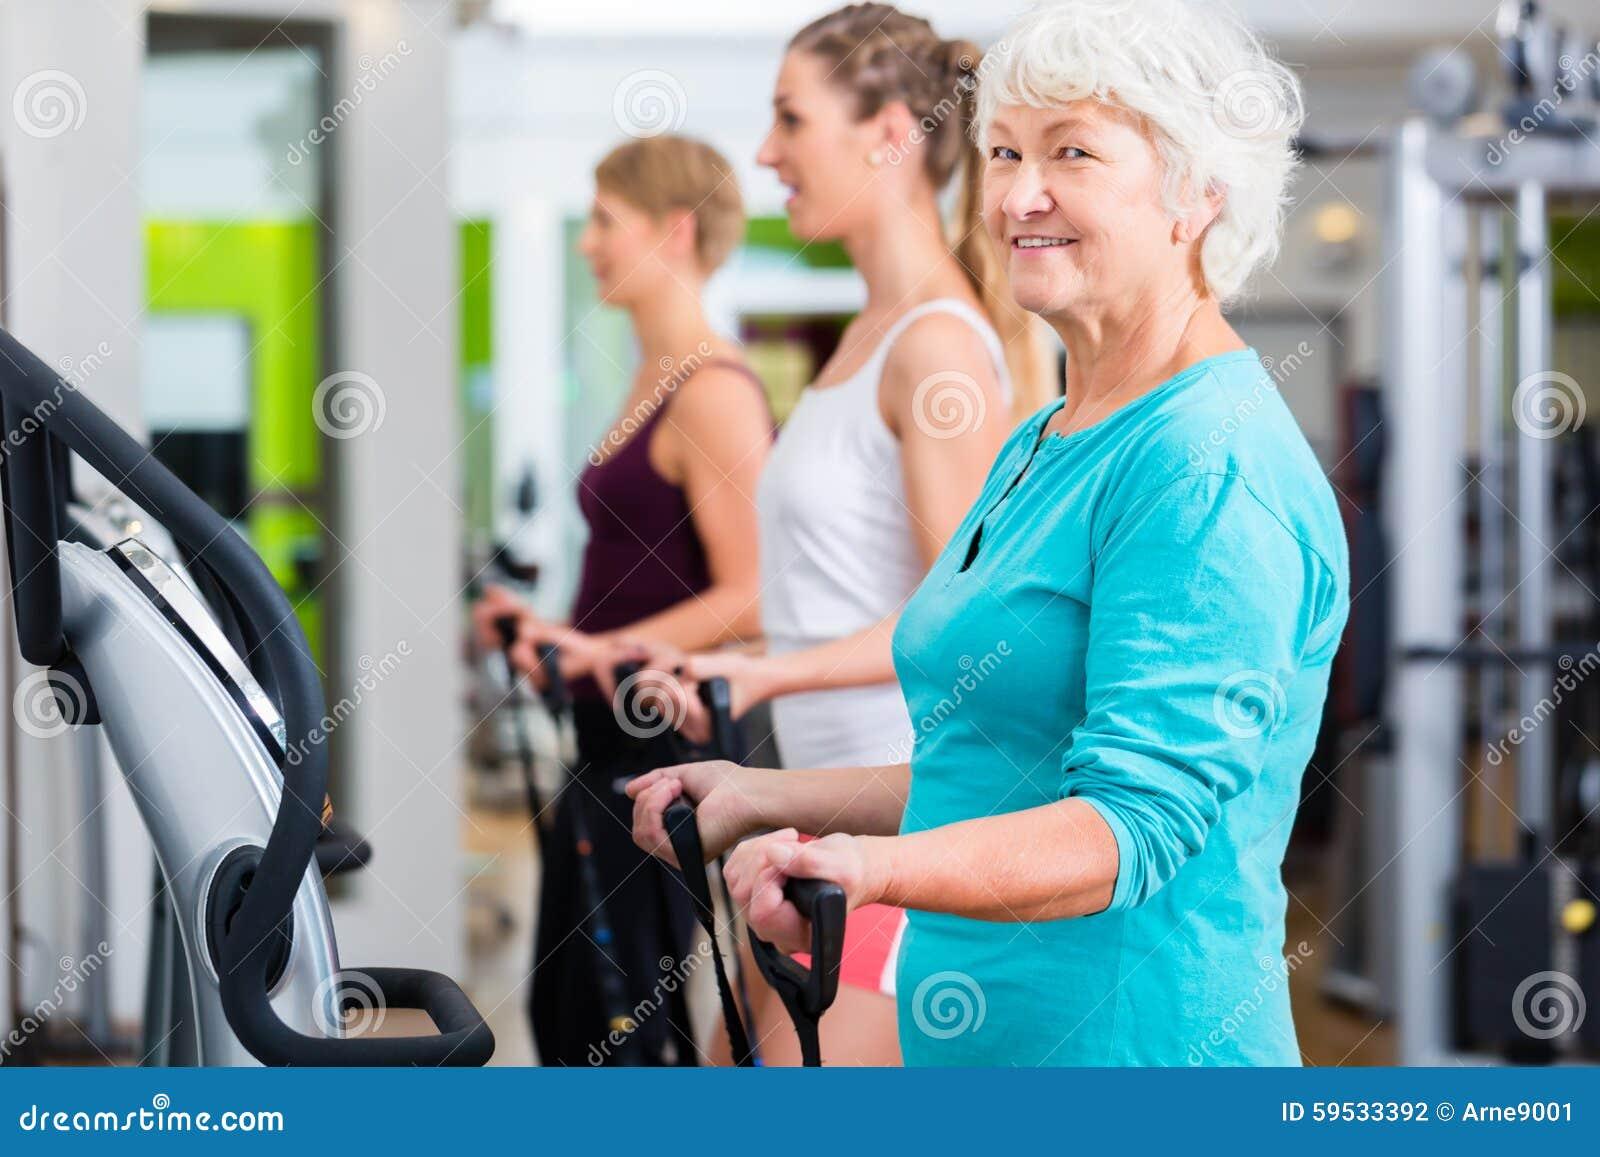 Alte und junge Leute auf Vibrationsplatten in der Turnhalle